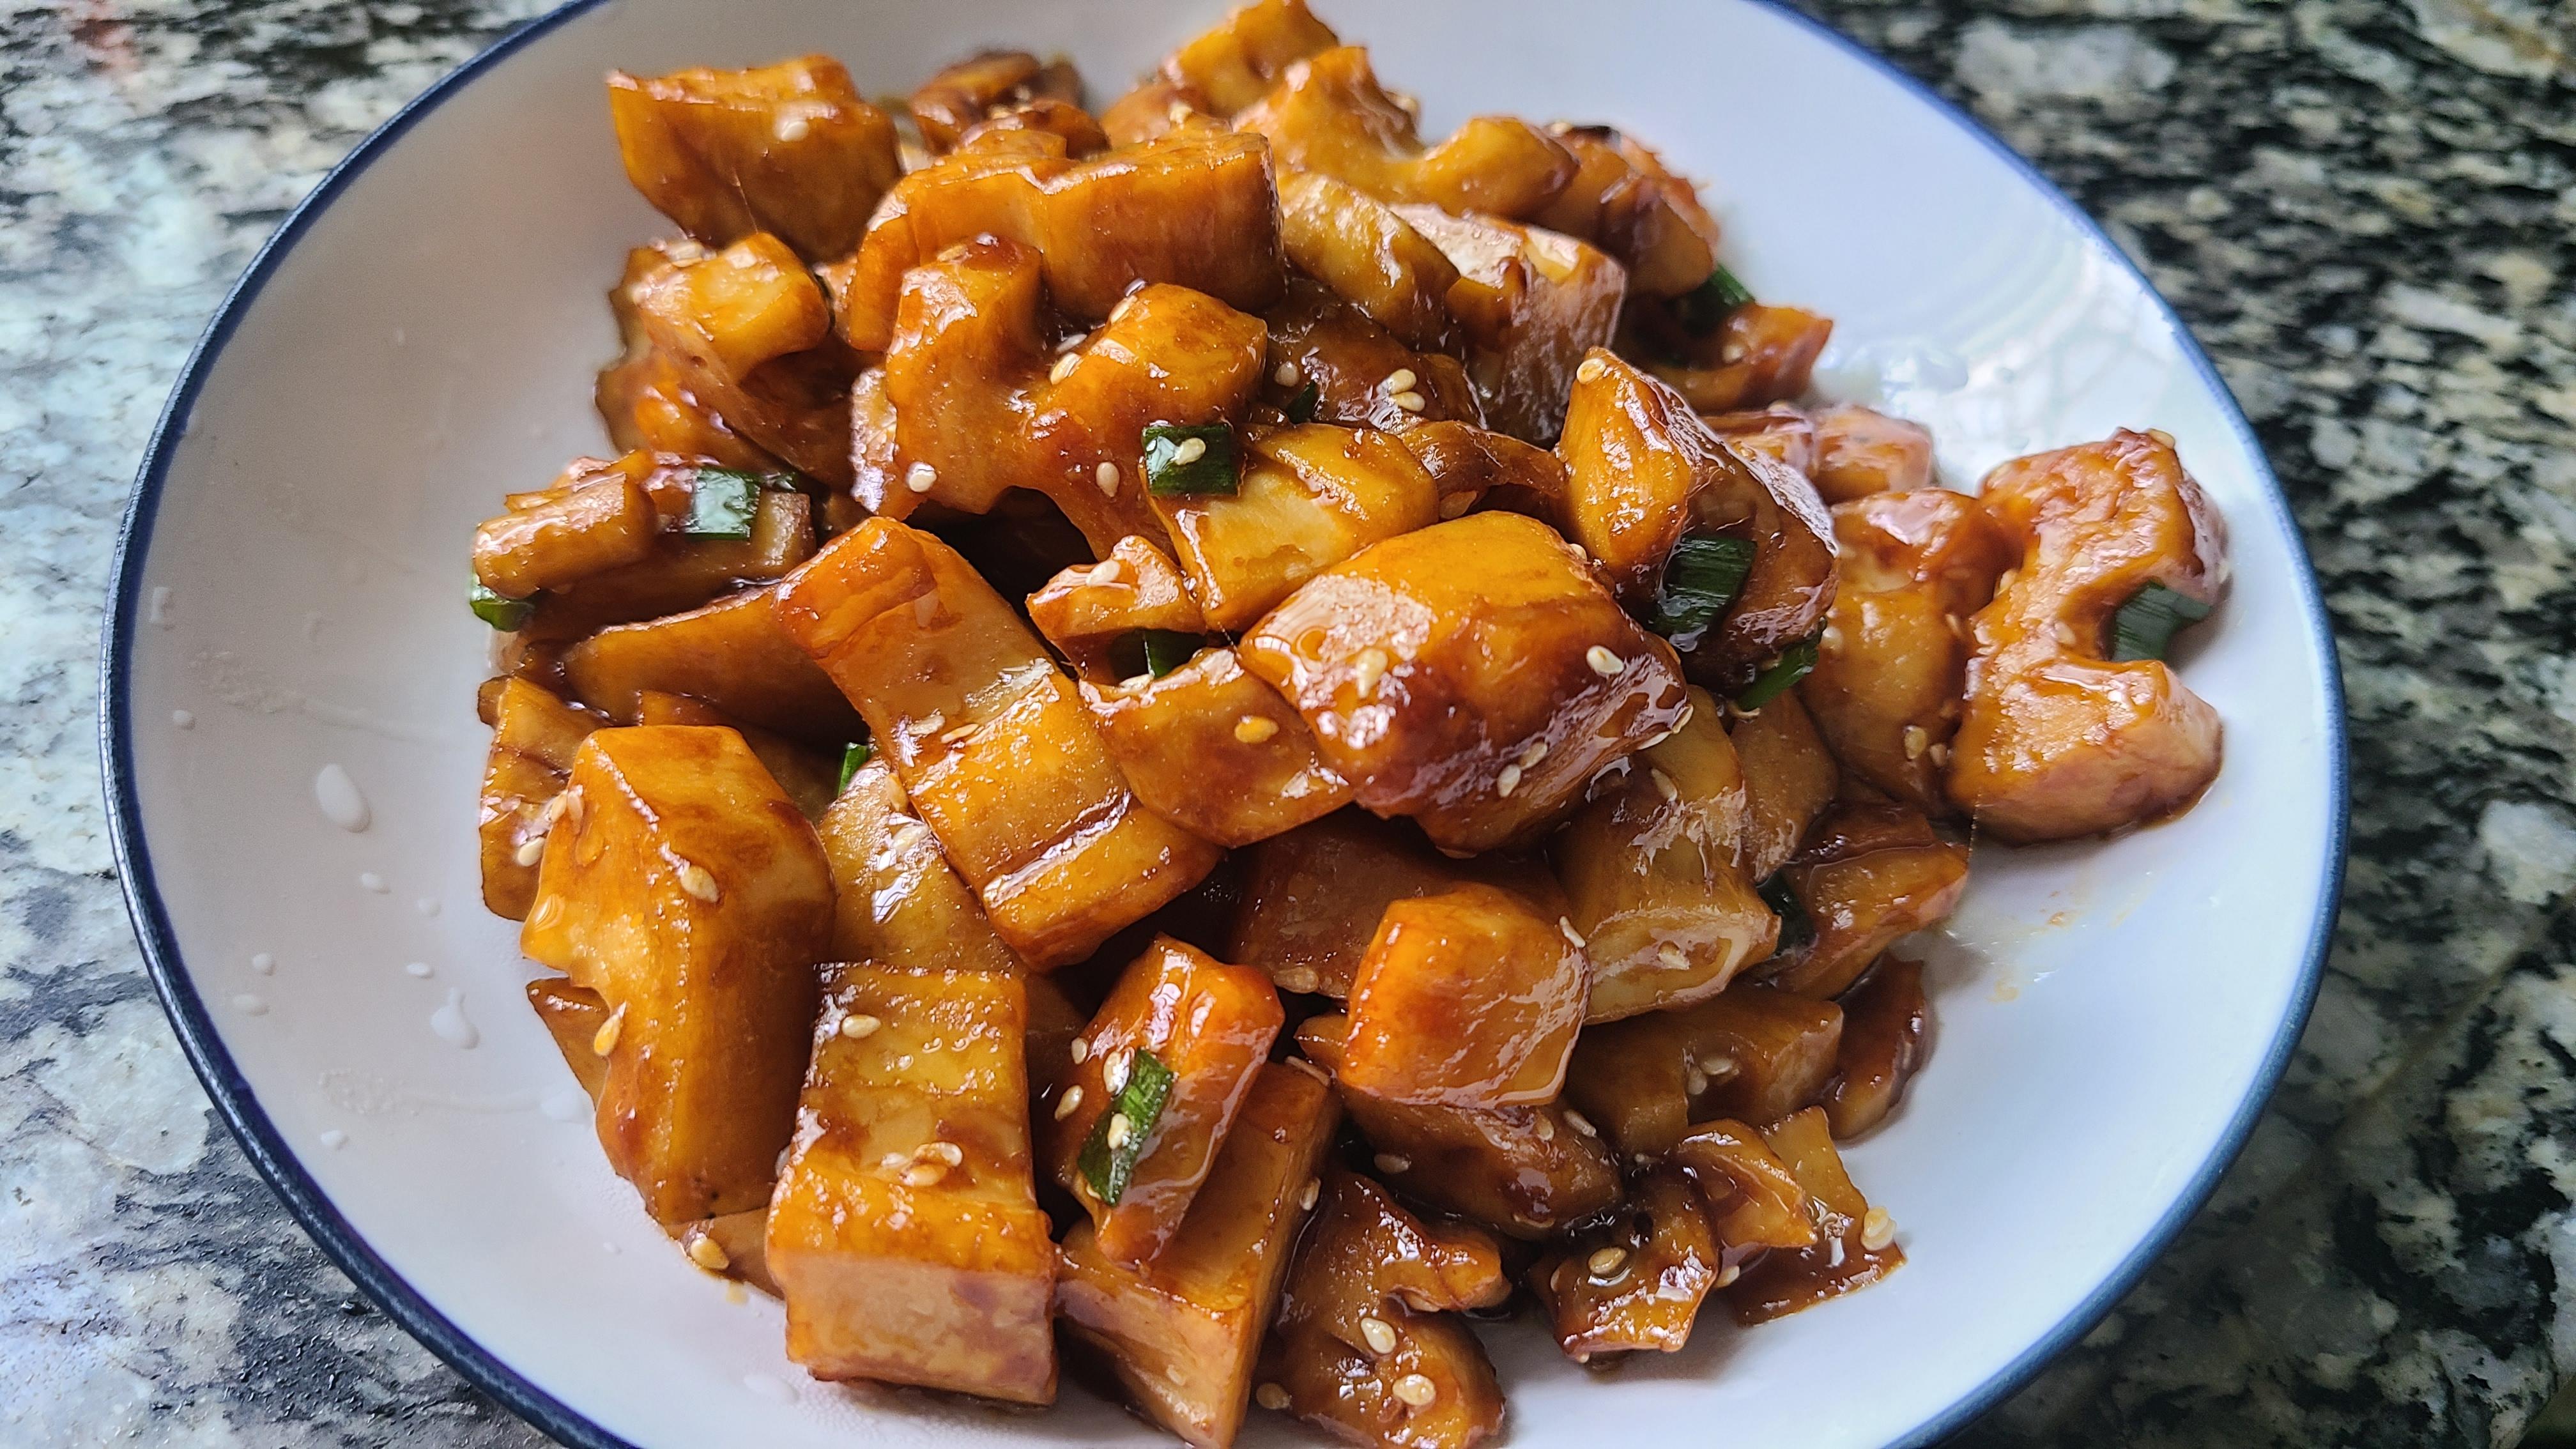 蓮藕的家常做法,不用加肉也很好吃,看著肚子都餓了